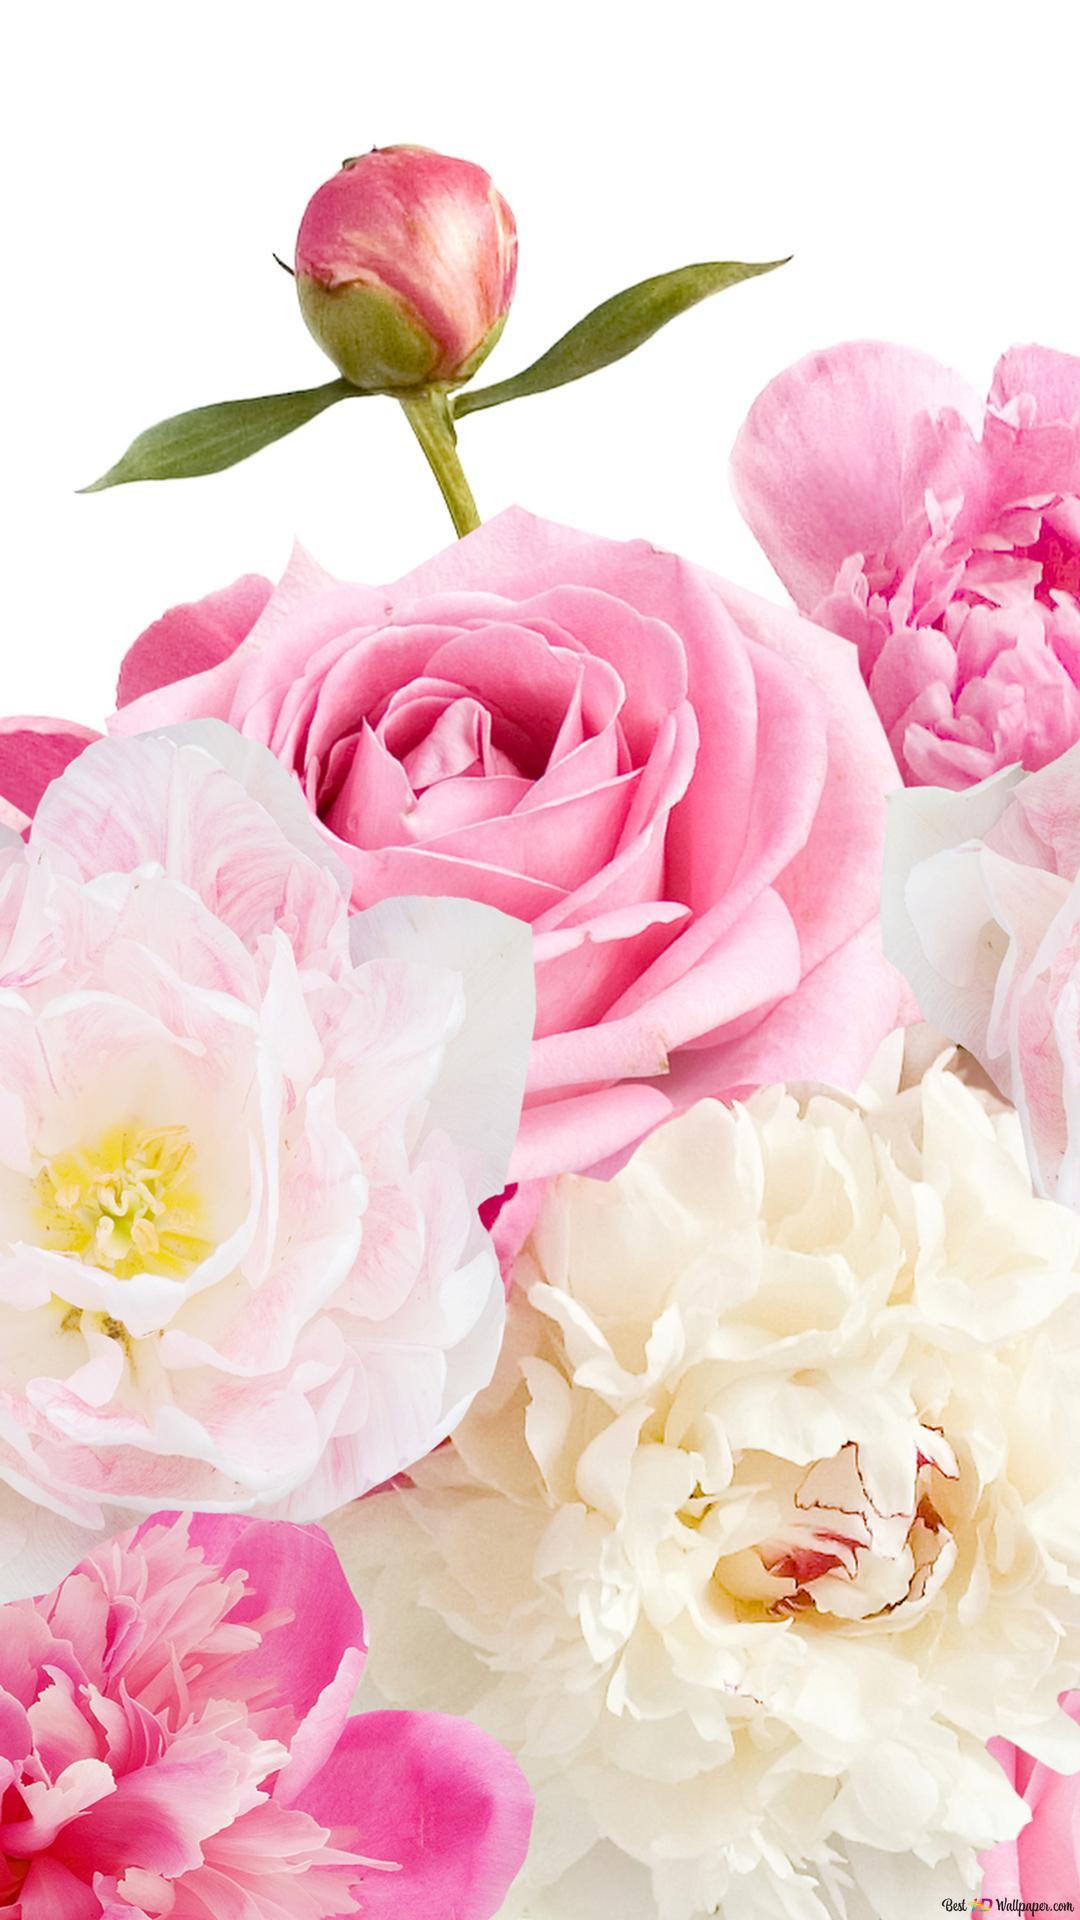 Descargar Fondo De Pantalla Dia De San Valentin Rosa Precioso Y